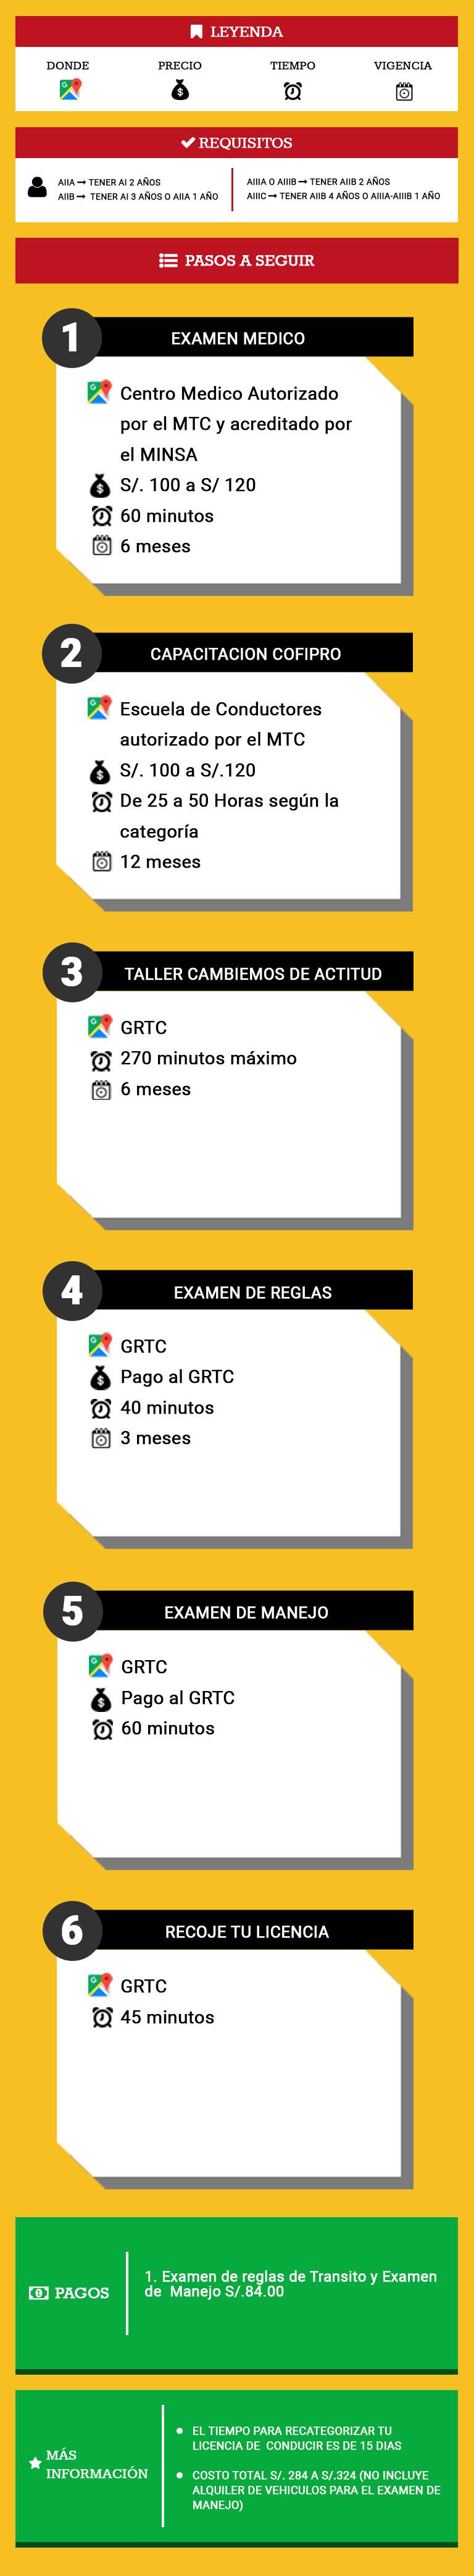 infografia3-768